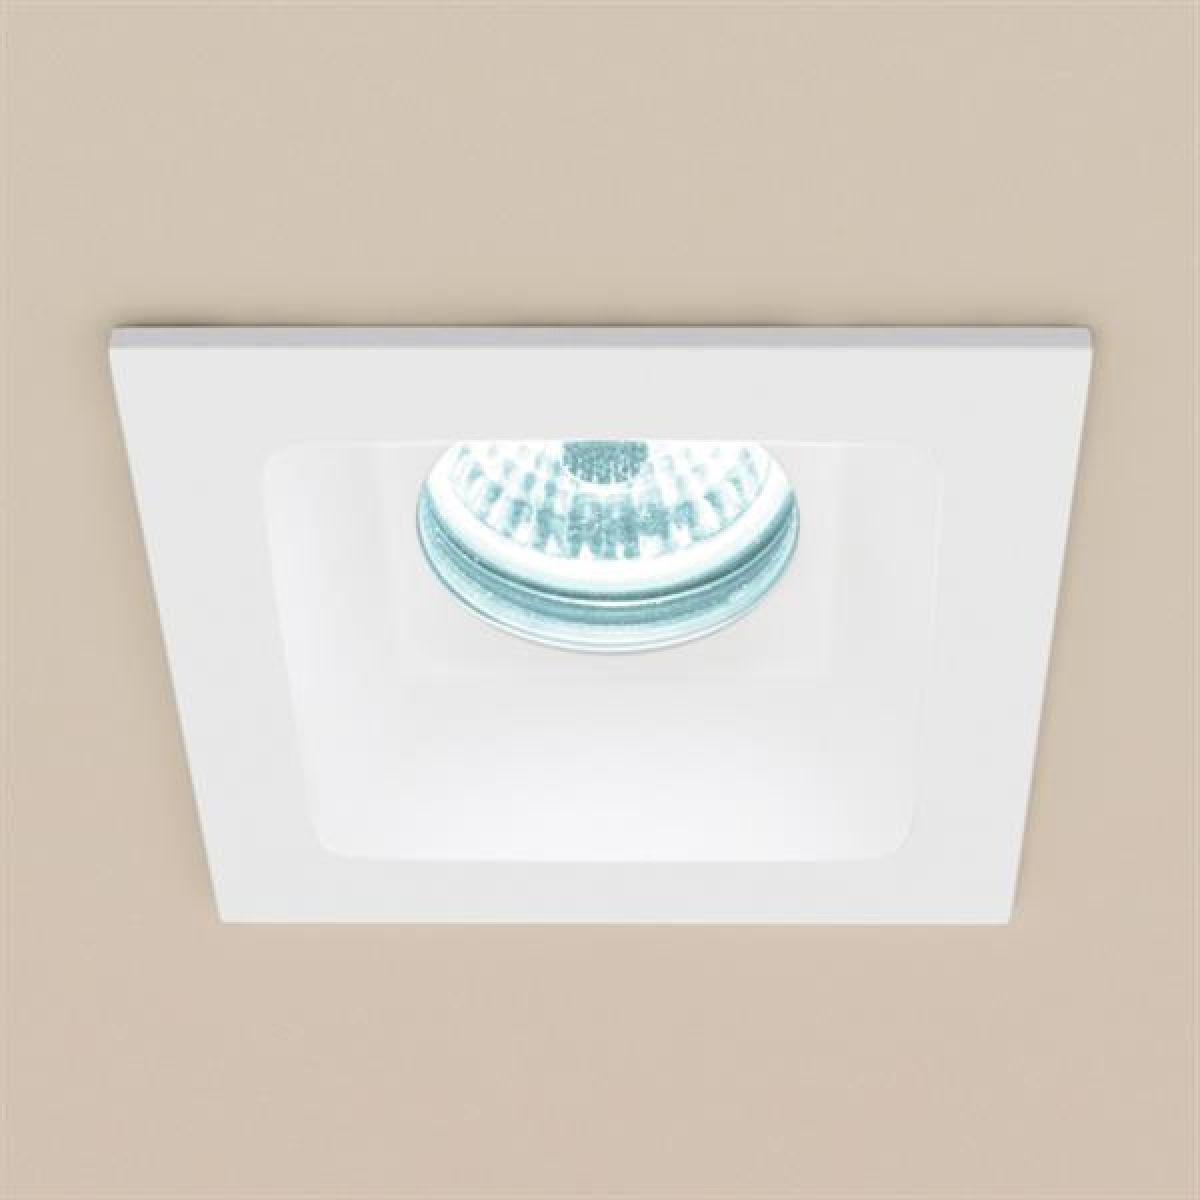 HiB Calibre Square Recessed LED Showerlight